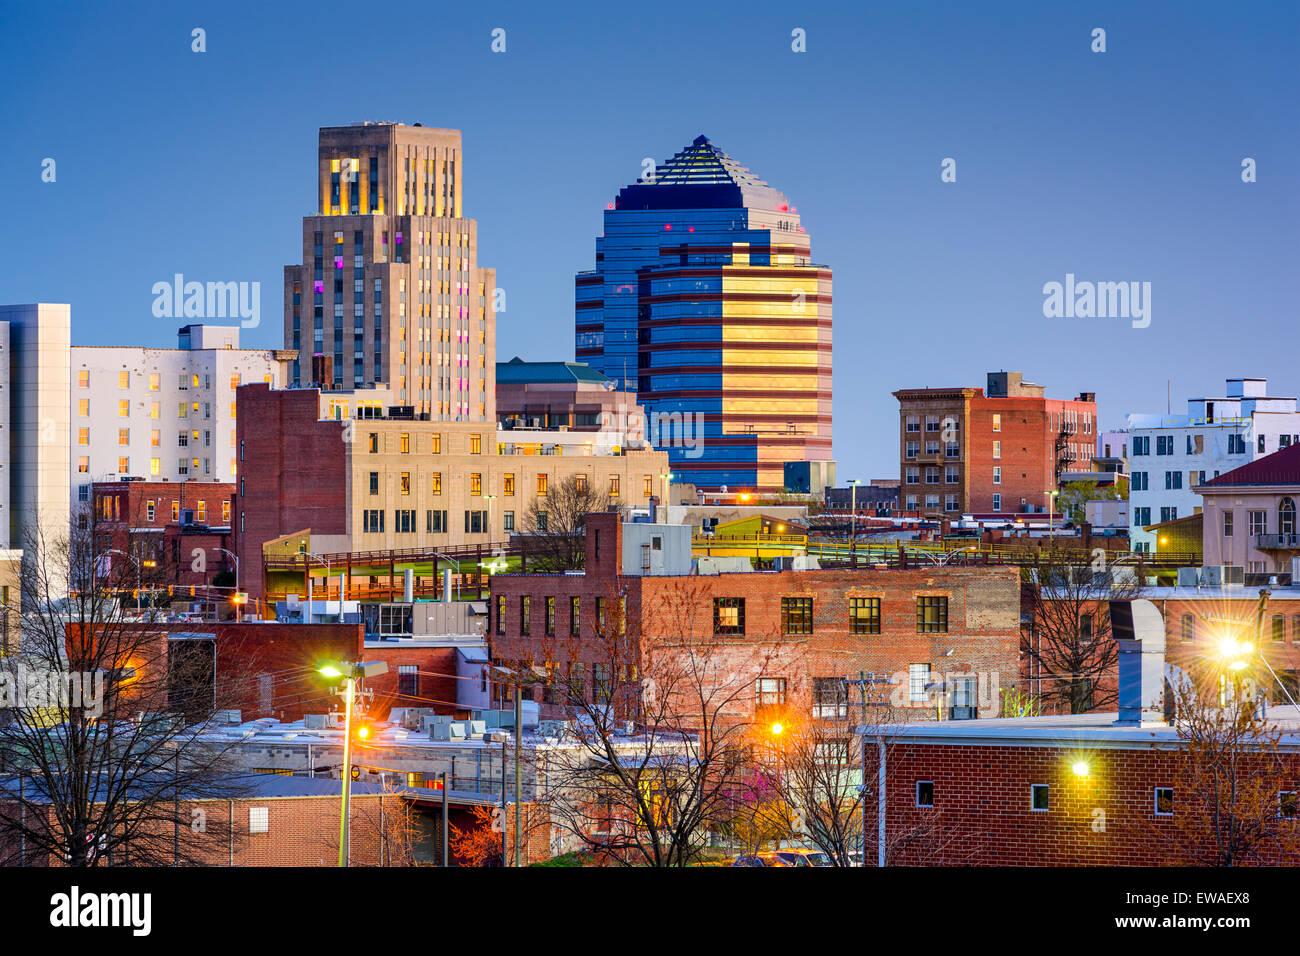 Durham, Carolina del Norte, EE.UU. Perfil del centro de la ciudad. Imagen De Stock